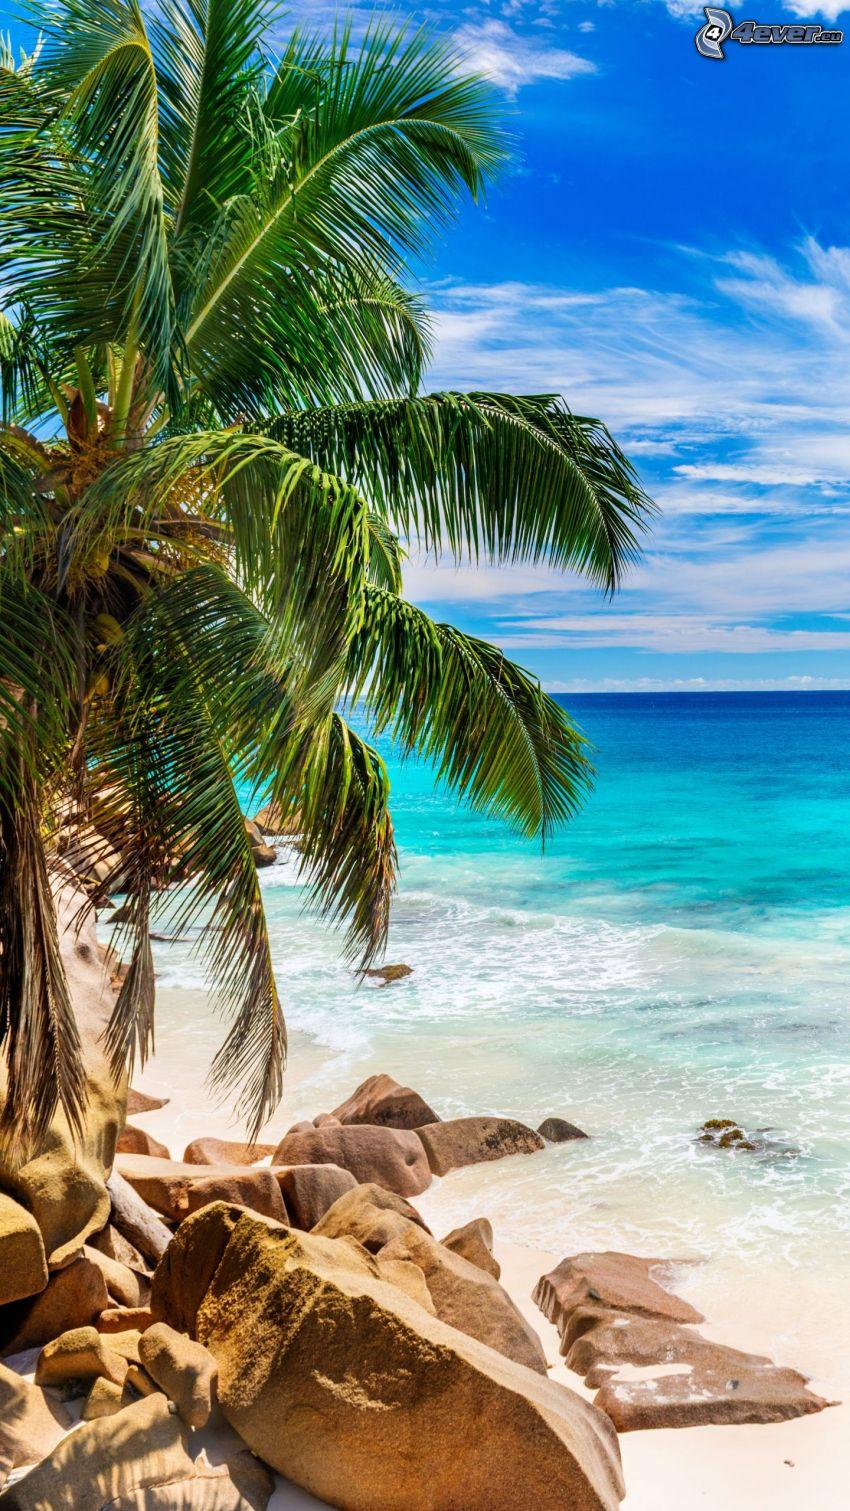 Küste, Felsen, Palme, offenes Meer